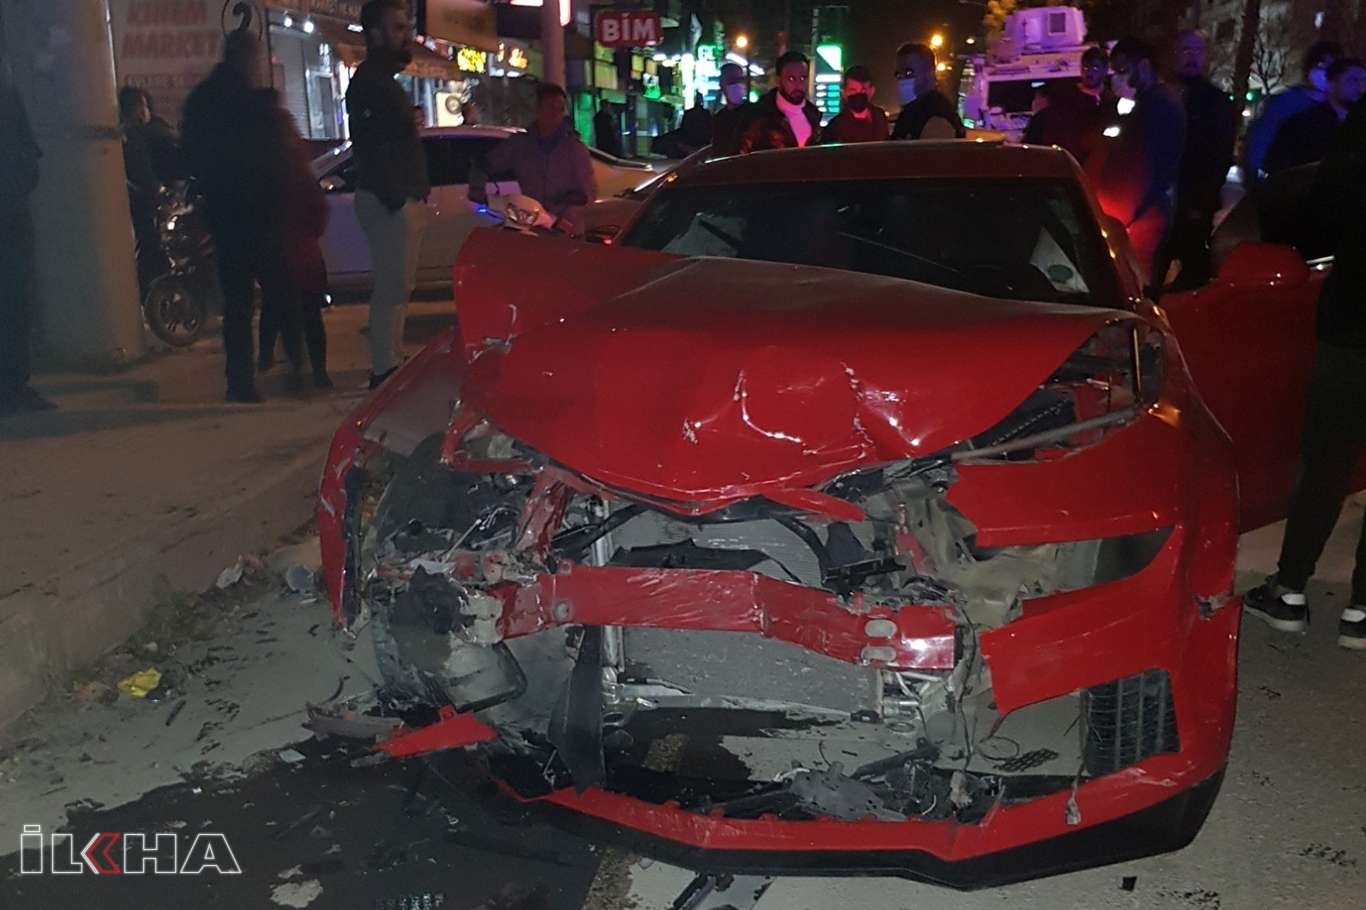 Mardinde iki otomobilin karıştığı trafik kazasında 3 kişi yaralandı